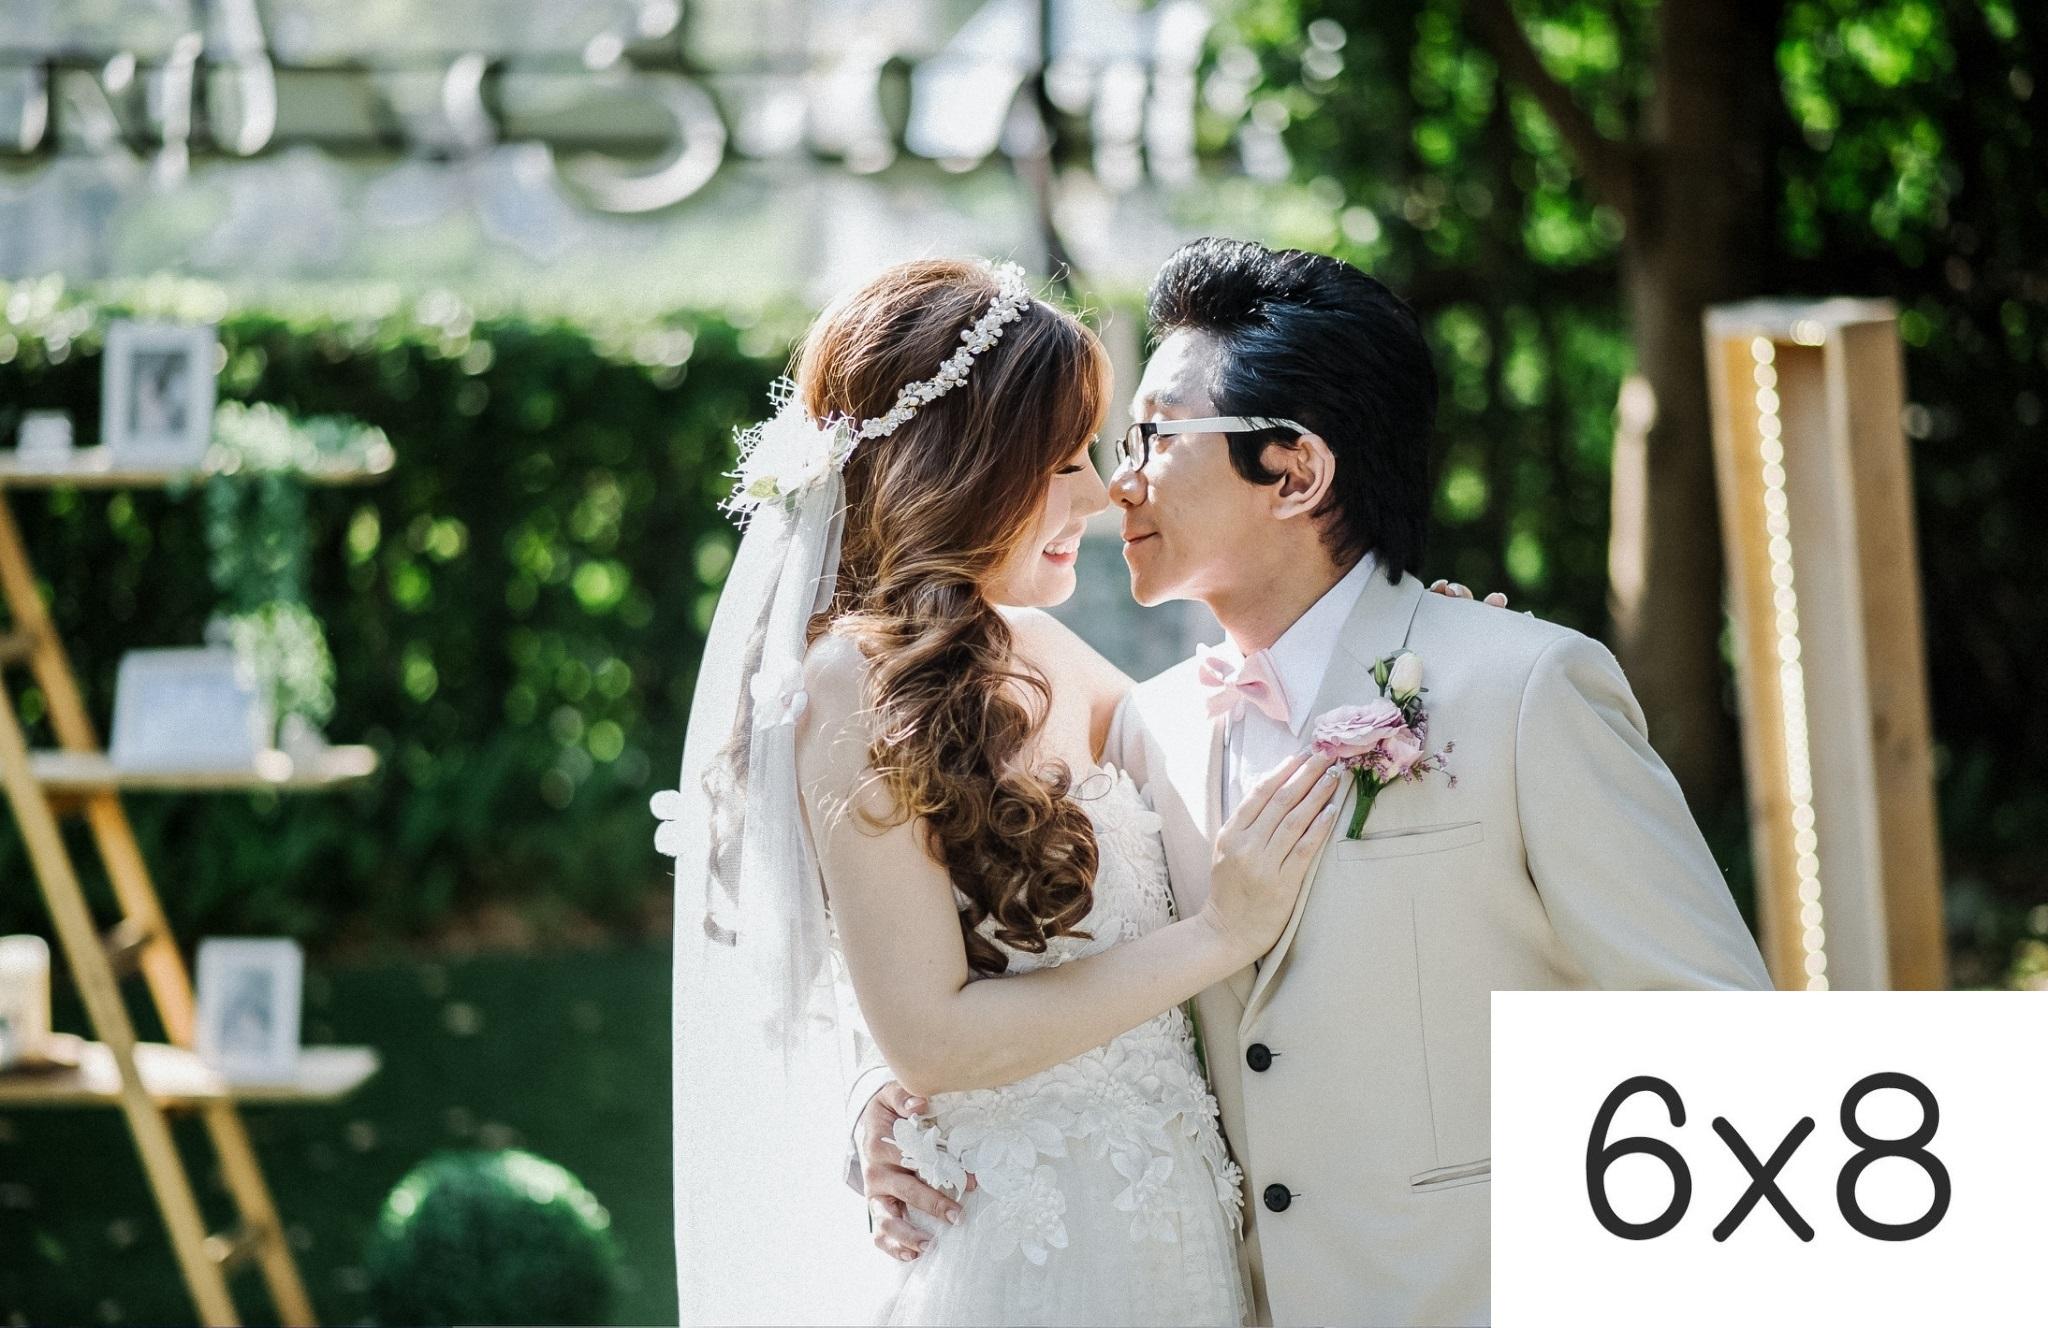 รูปแต่งงาน อัดรูปออนไลน์ ล้างรูปราคาถูก ขนาดอัดรูป 6x8